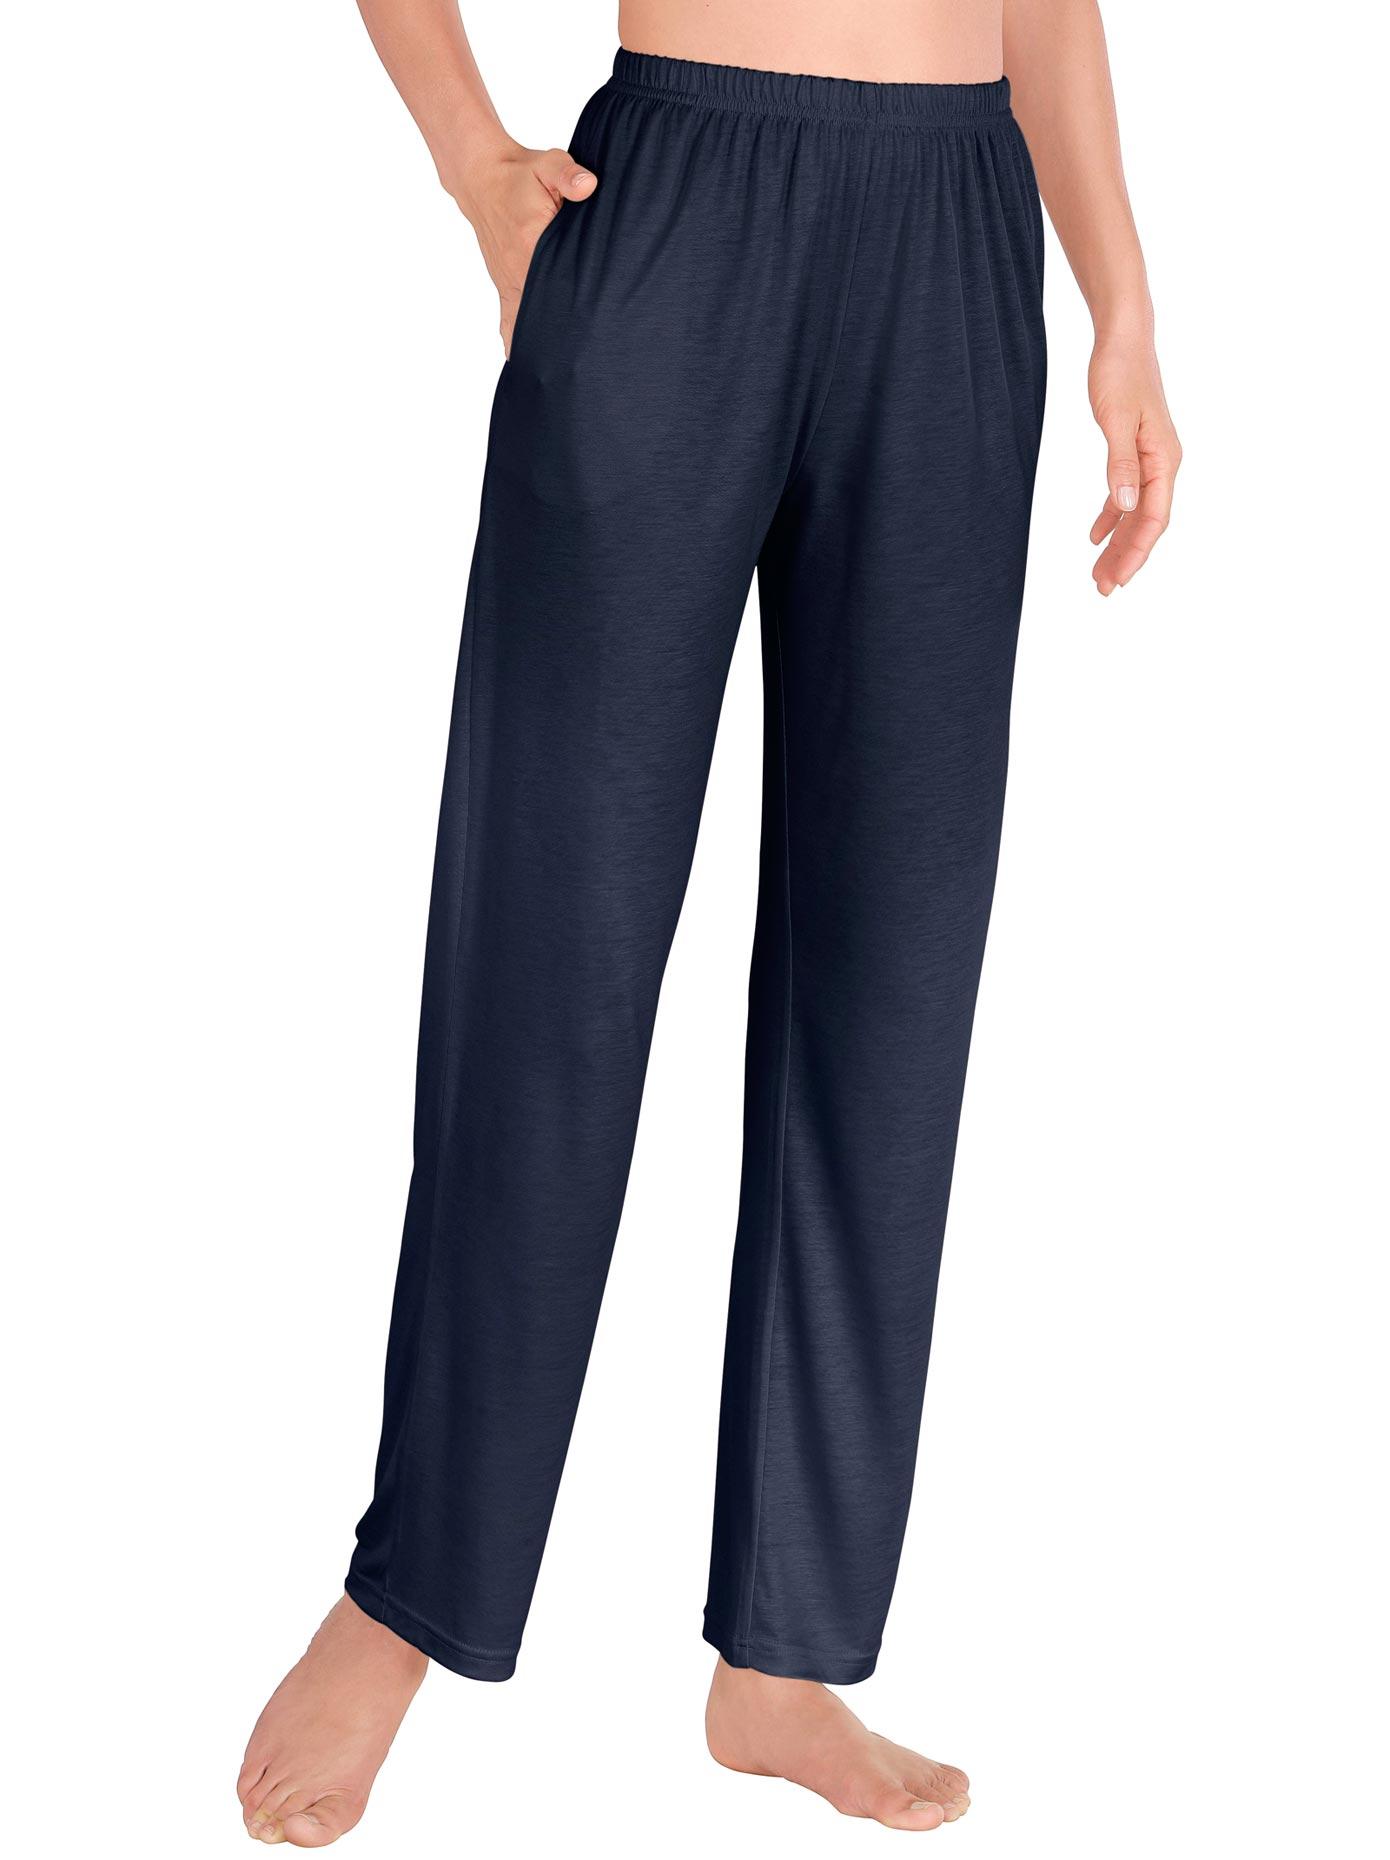 Lady Freizeithose aus weich fließender Qualität | Bekleidung > Hosen > Gerade Hosen